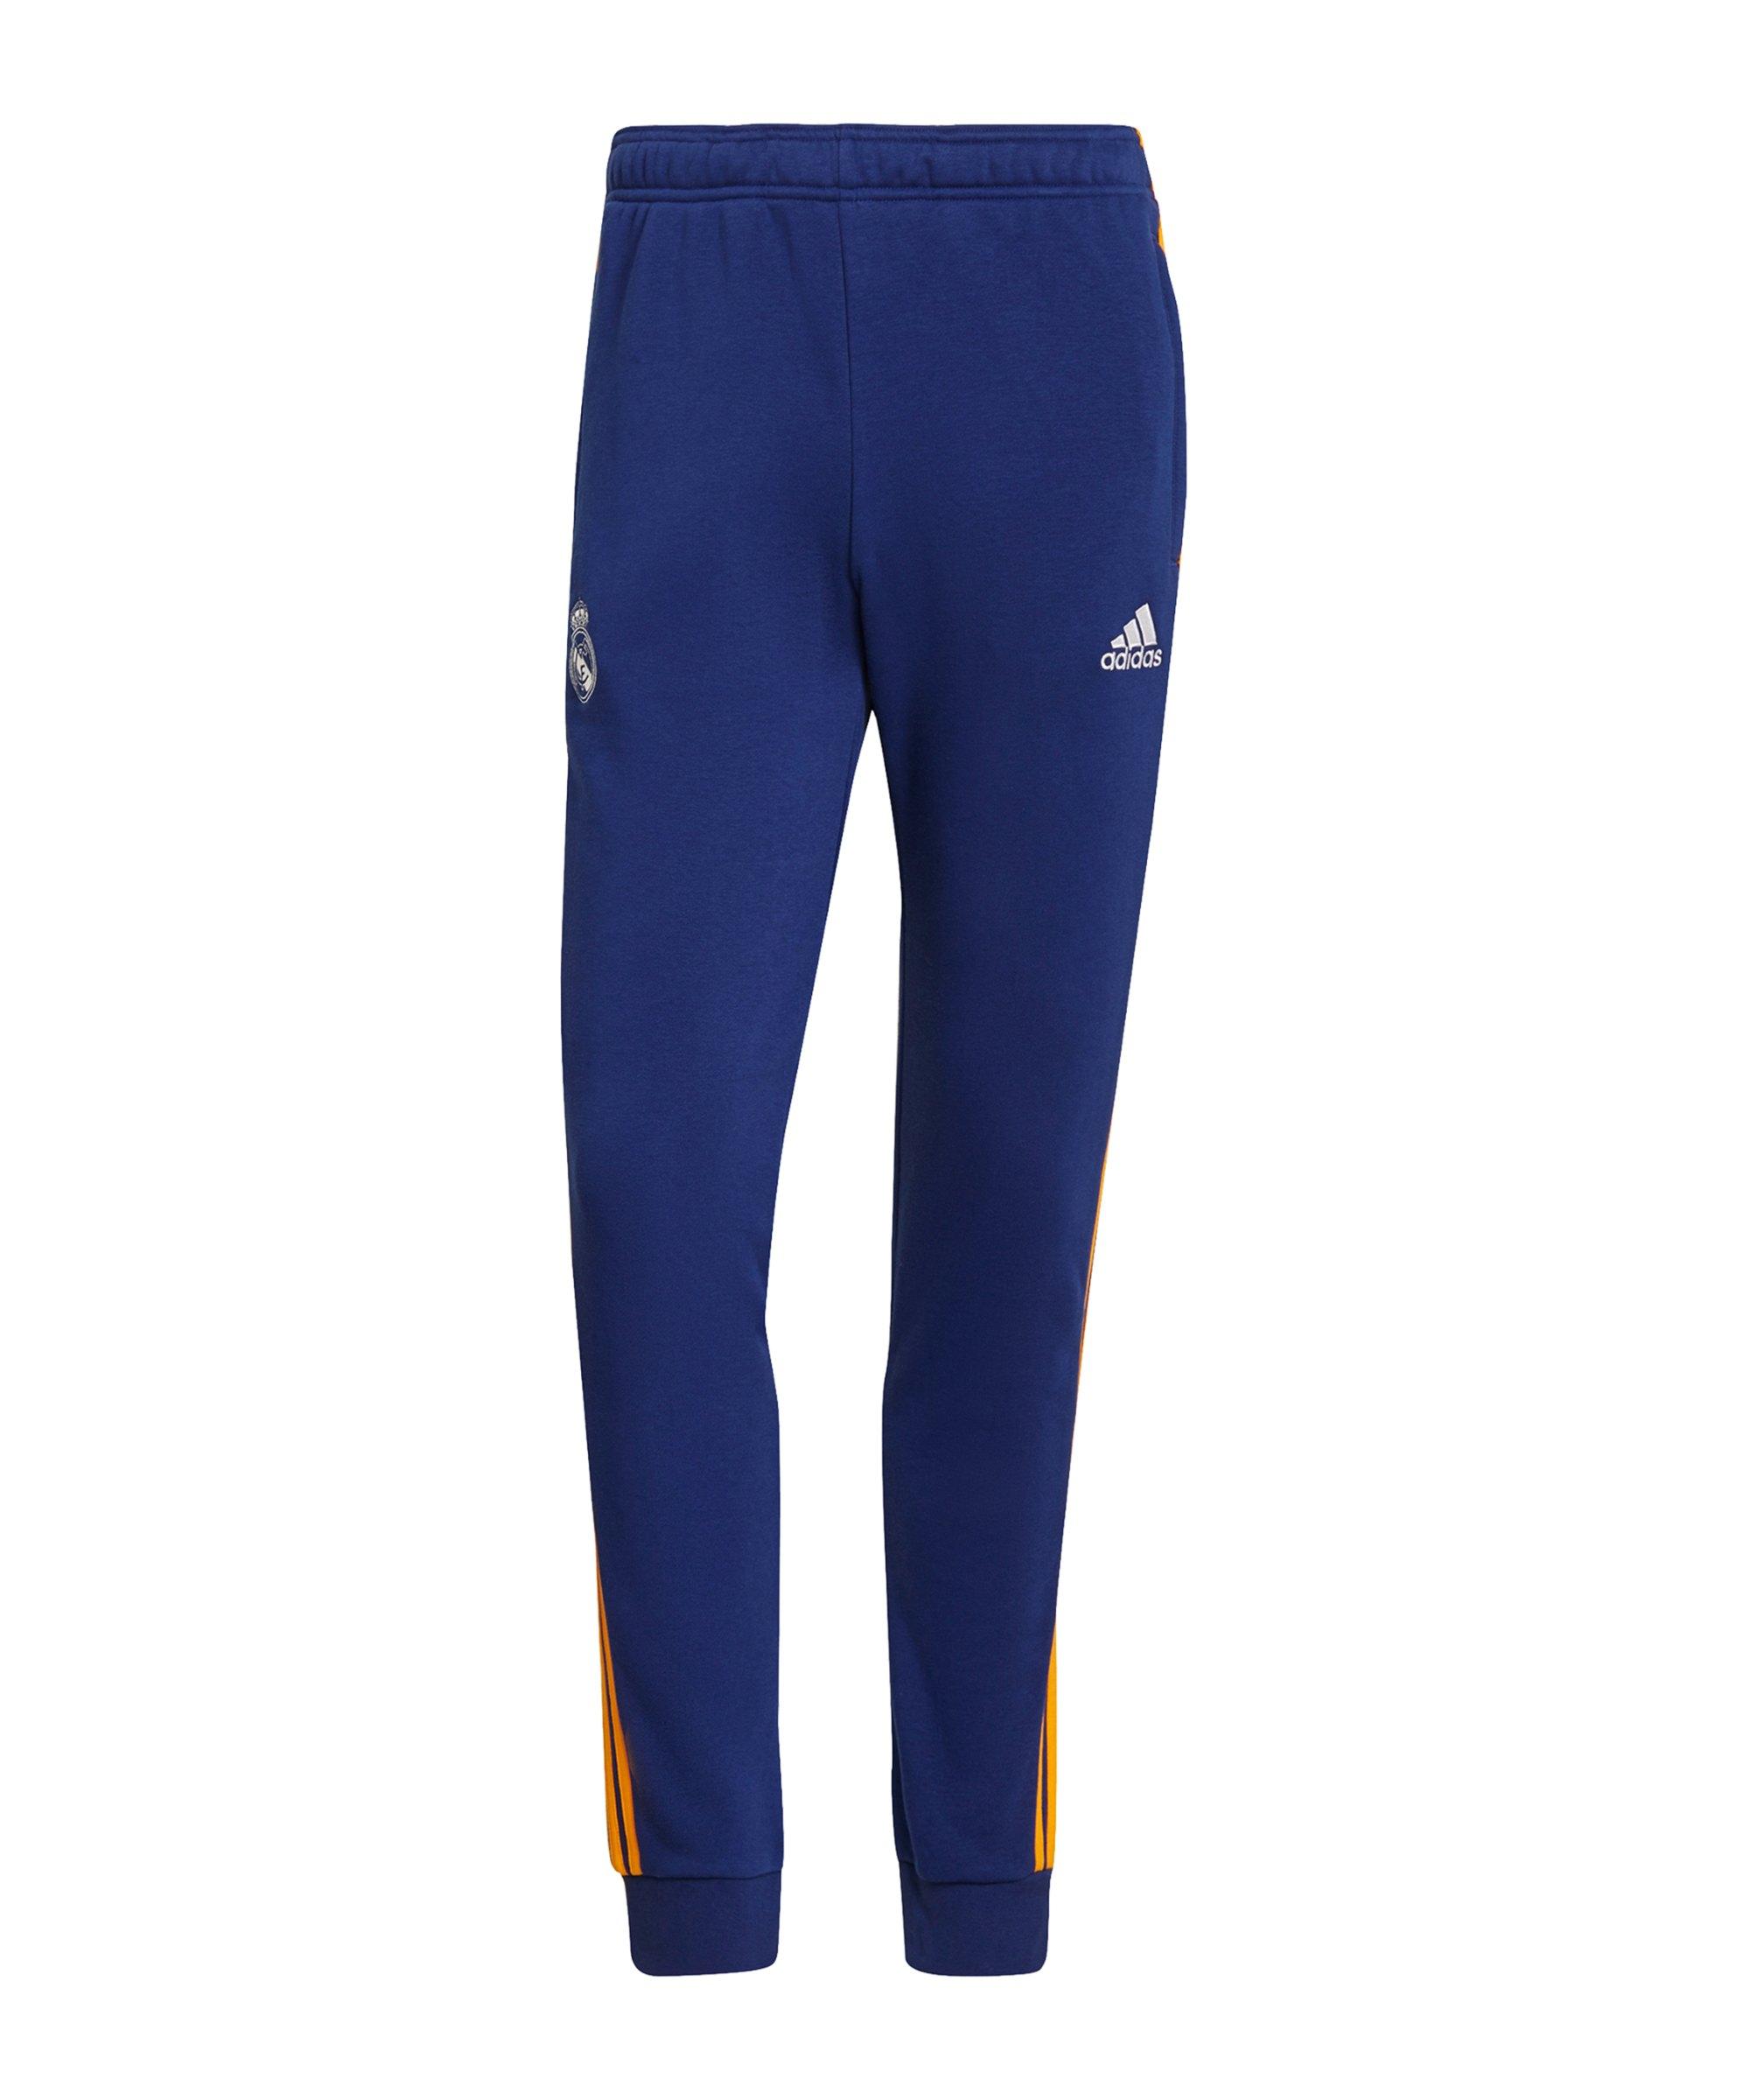 adidas Real Madrid 3S Jogginghose Blau - blau